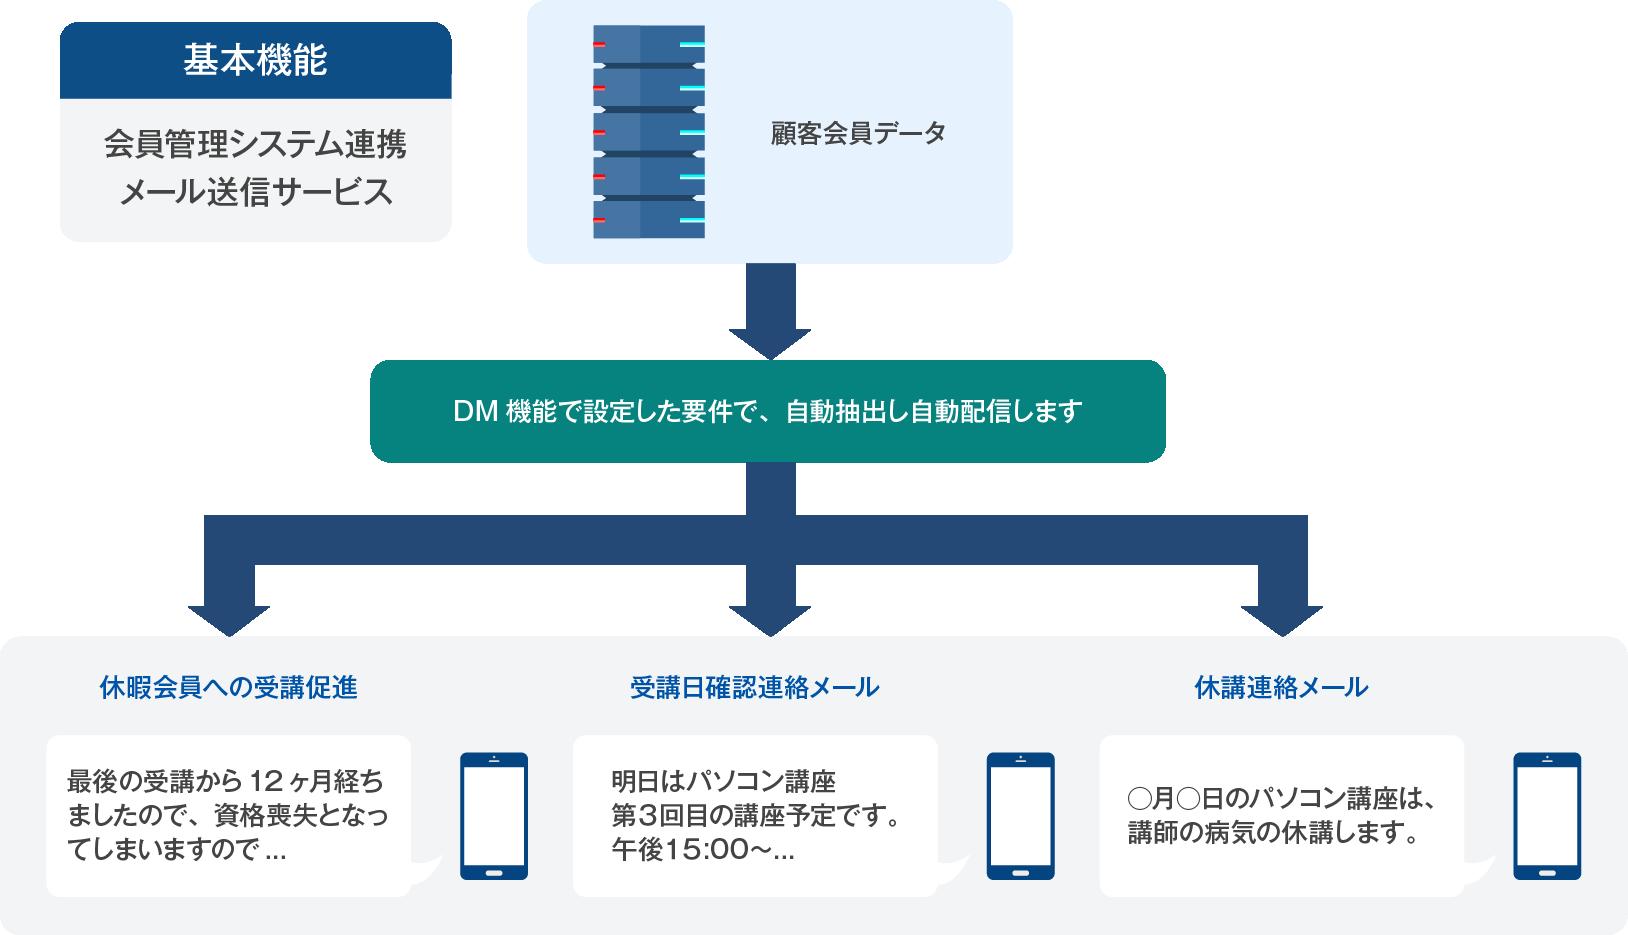 DM管理機能の強化(※オプション機能)